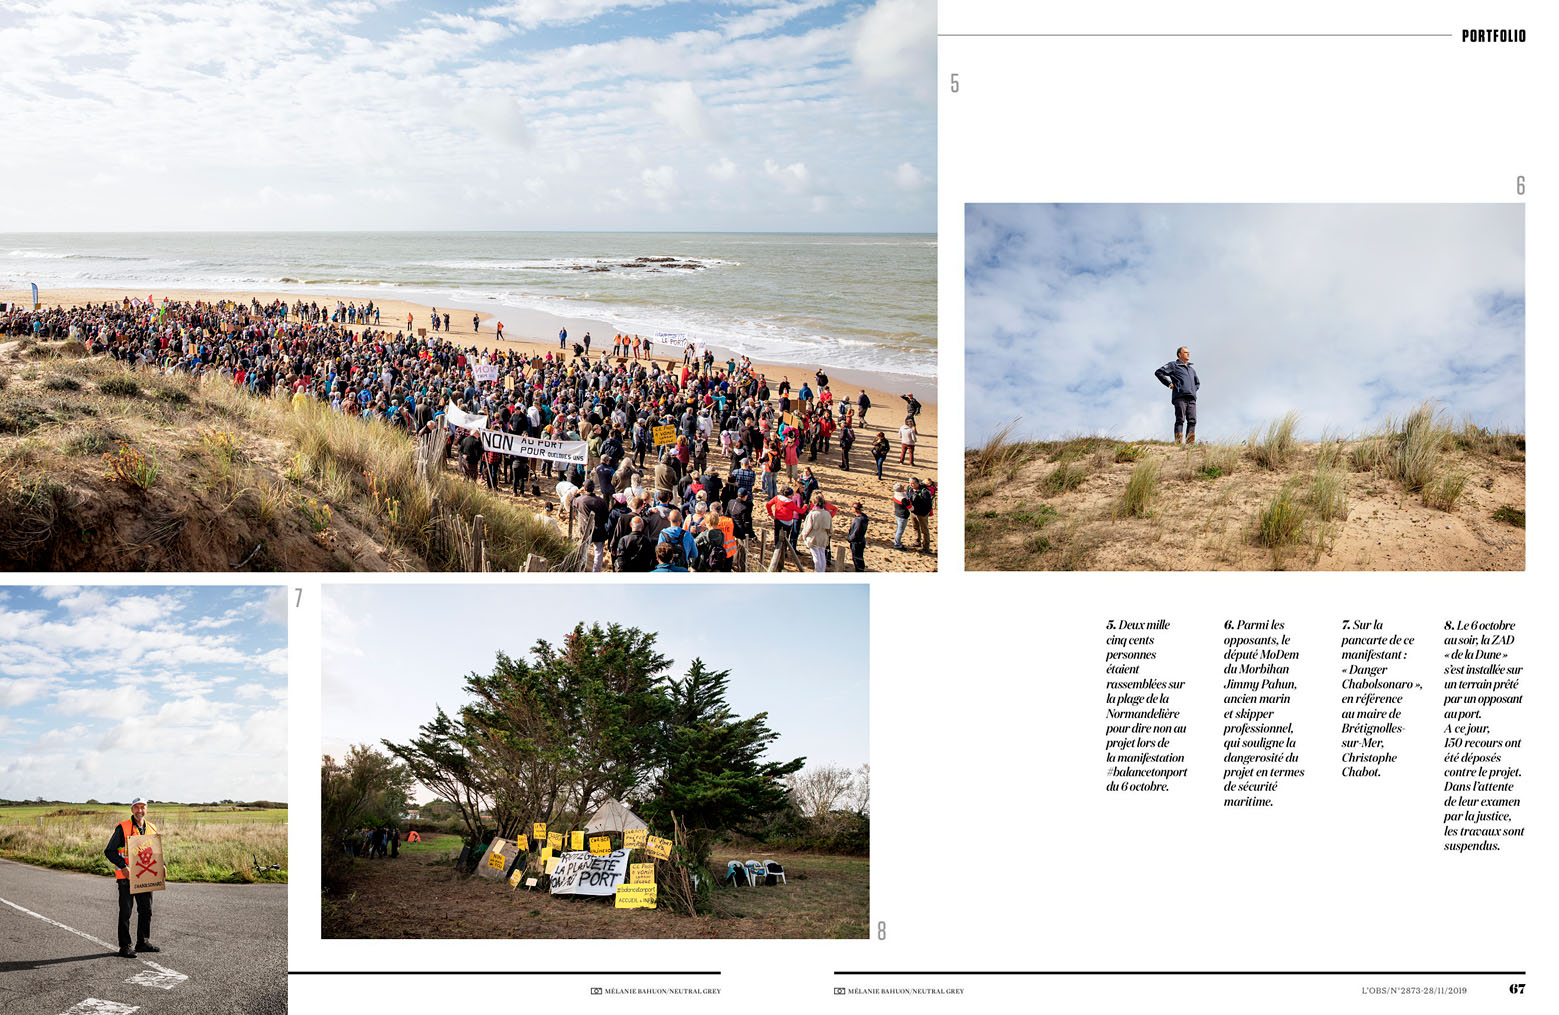 Peur sur la dune, #balancetonport, Brétignolles-sur-Mer, L'Obs du 28 novembre 2019